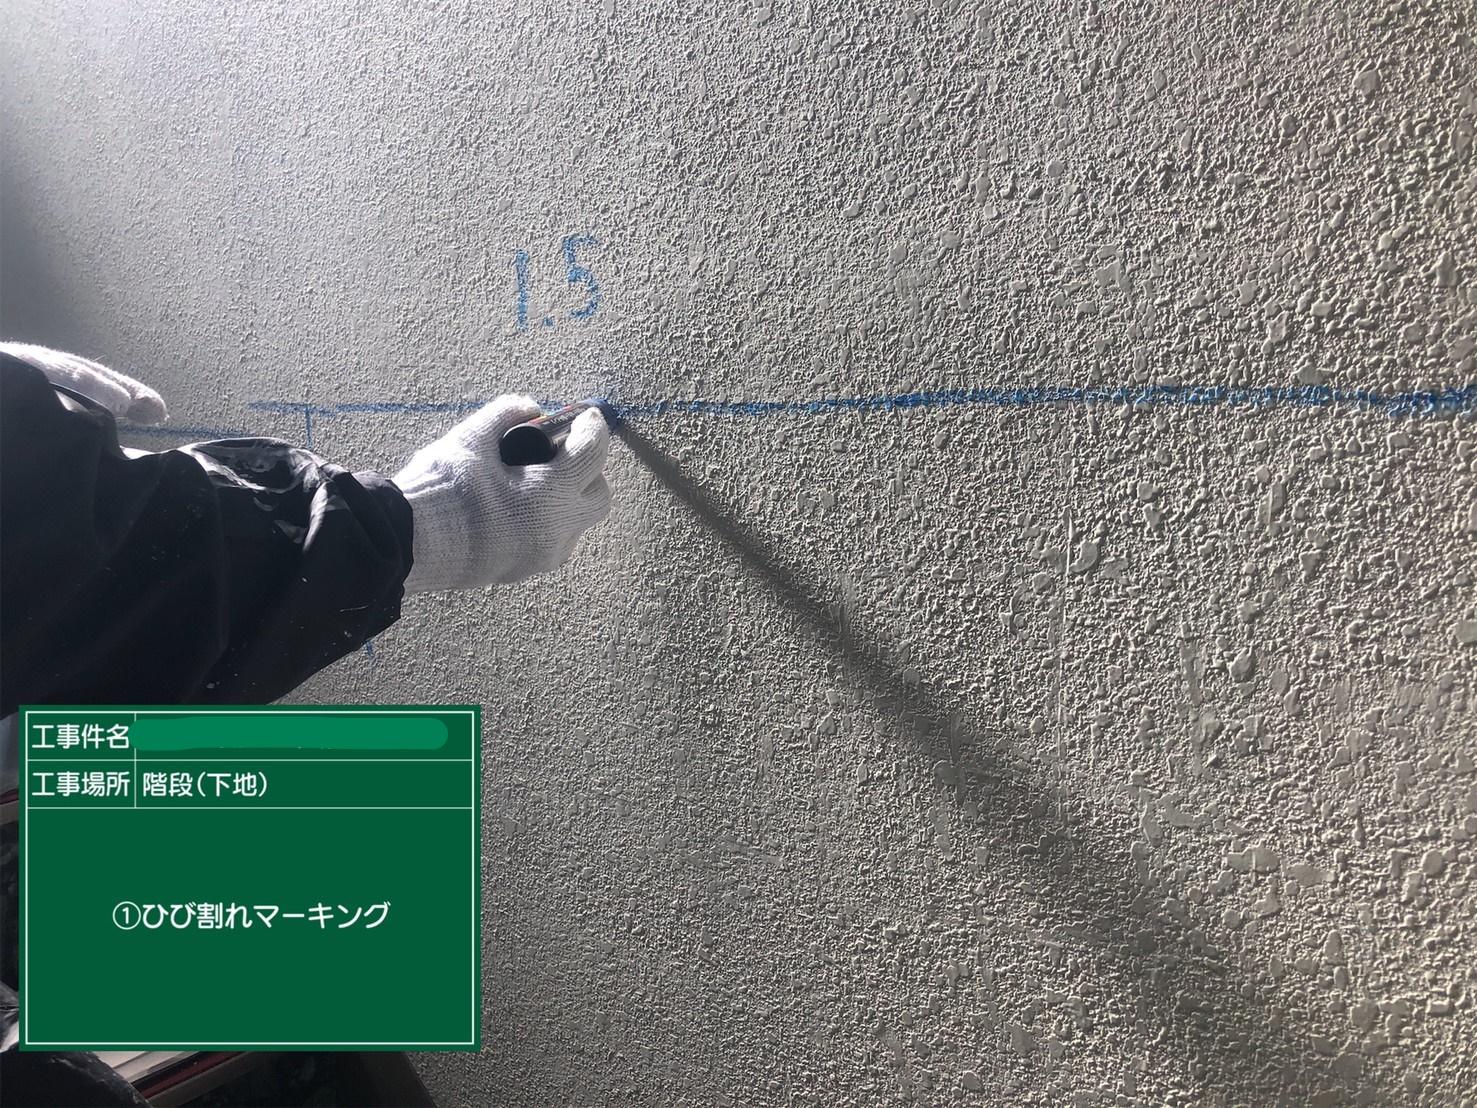 【ひび割れ(1)】①施工前・マーキング